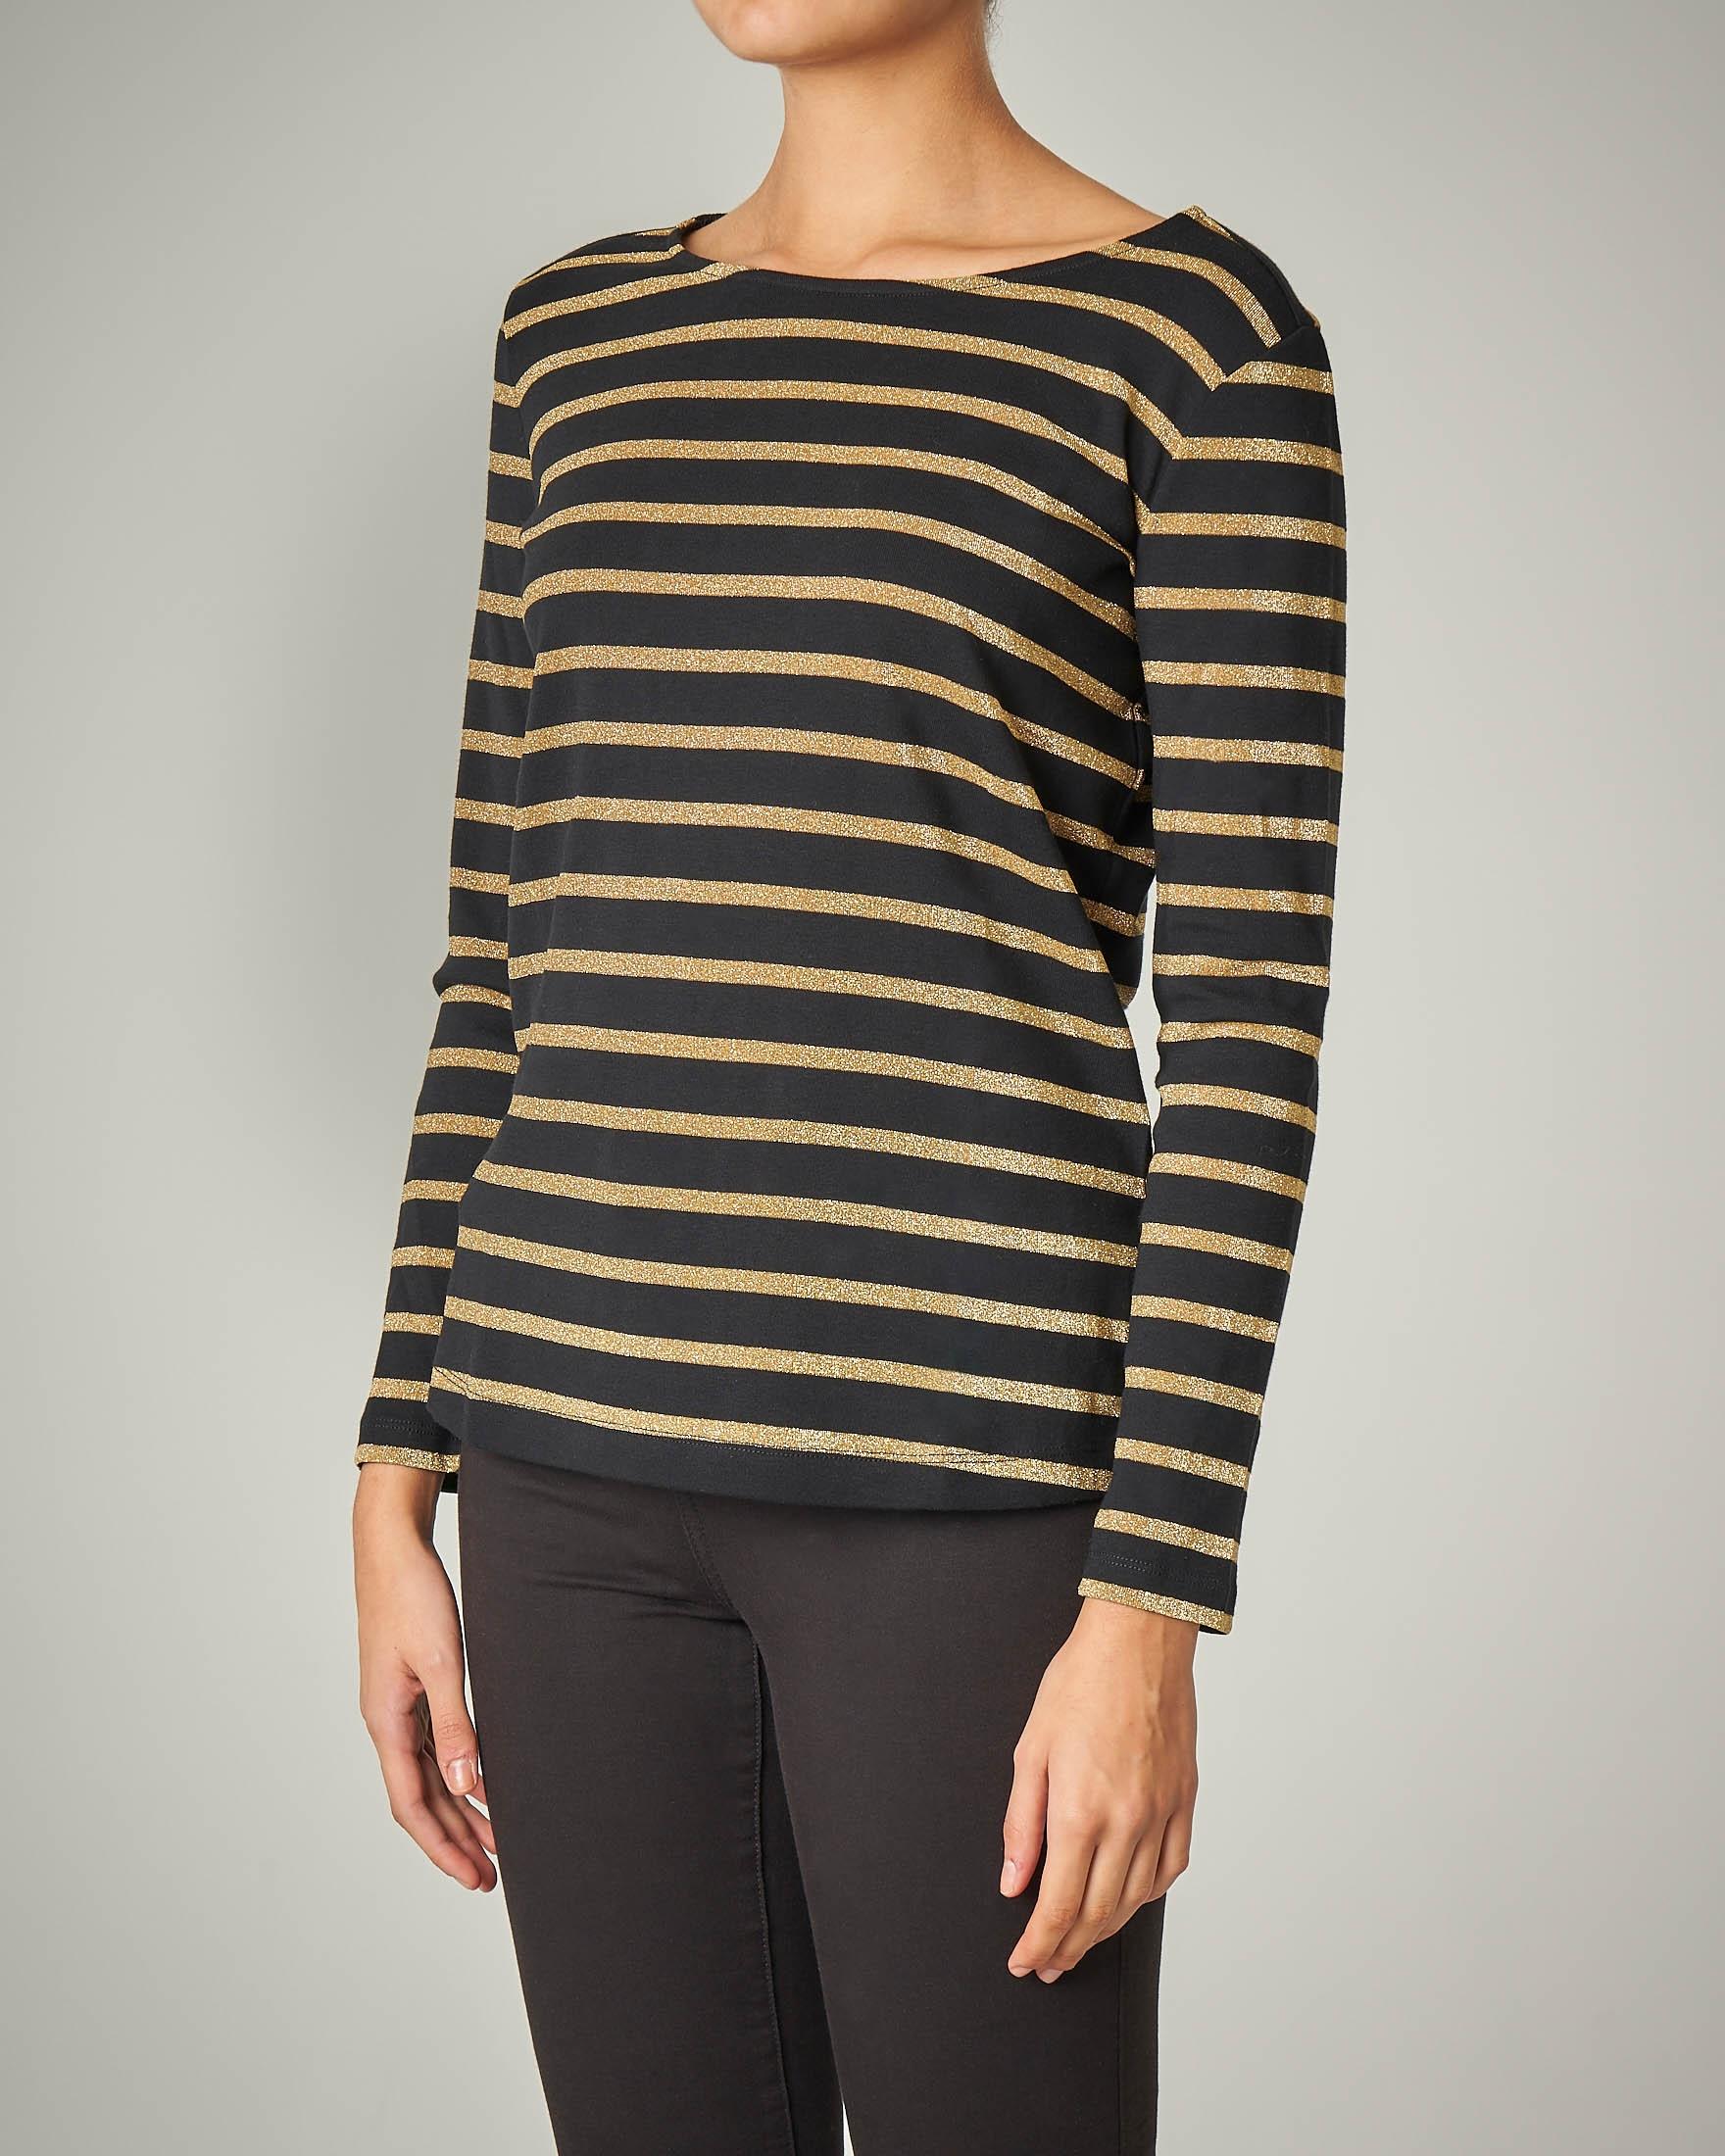 T-shirt manica lunga a righe oro e nere